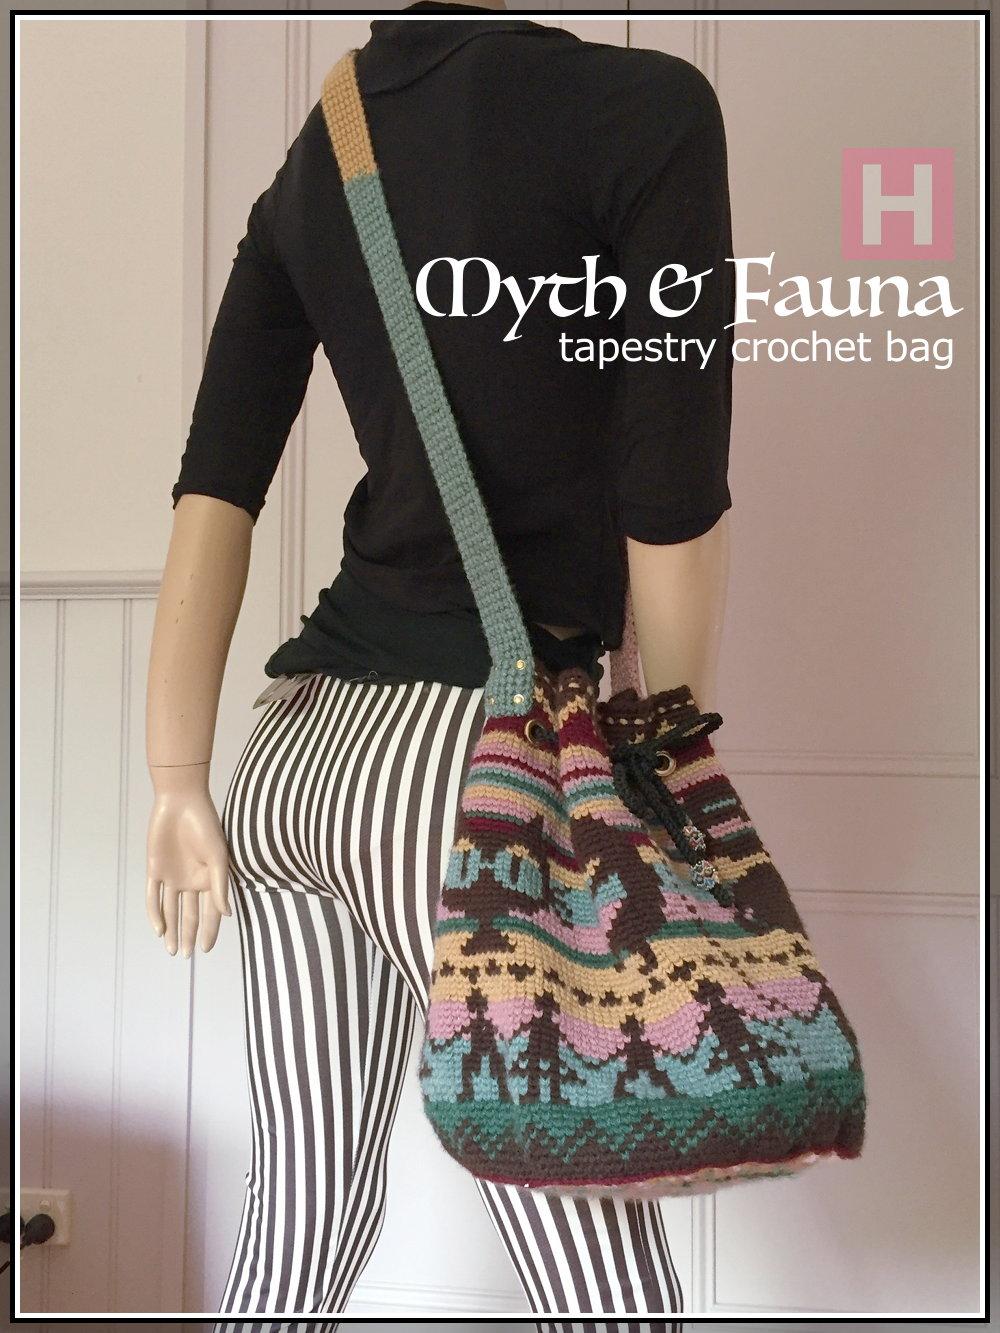 Drawstring Tapestry Crochet Bag - Muted Hues of Myth & Fauna ...